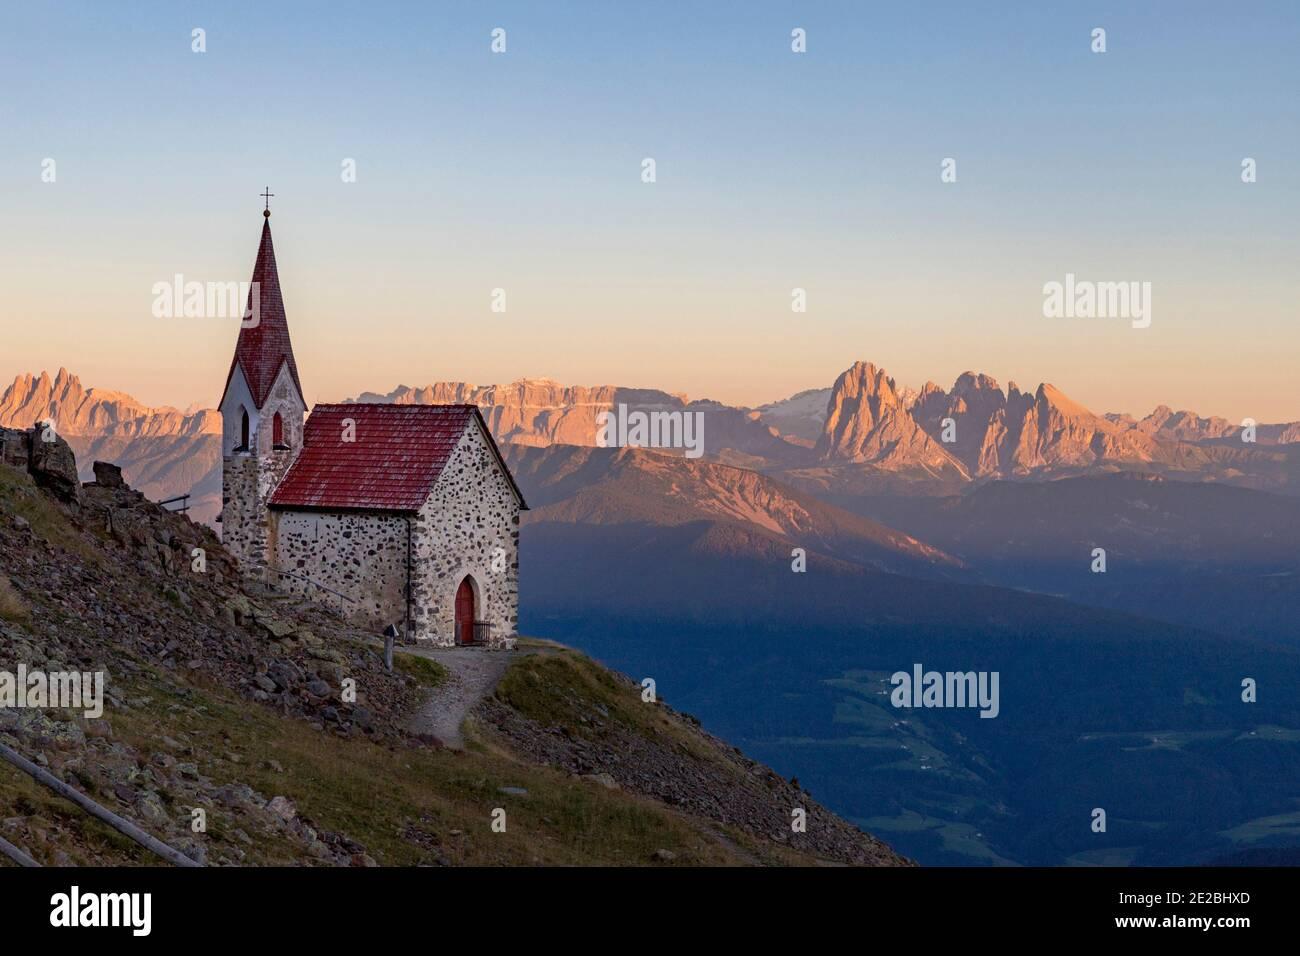 Piccola cappella e vista sulla catena montuosa delle Dolomiti illuminate d'arancio al tramonto d'estate, Alto Adige, Italia Foto Stock